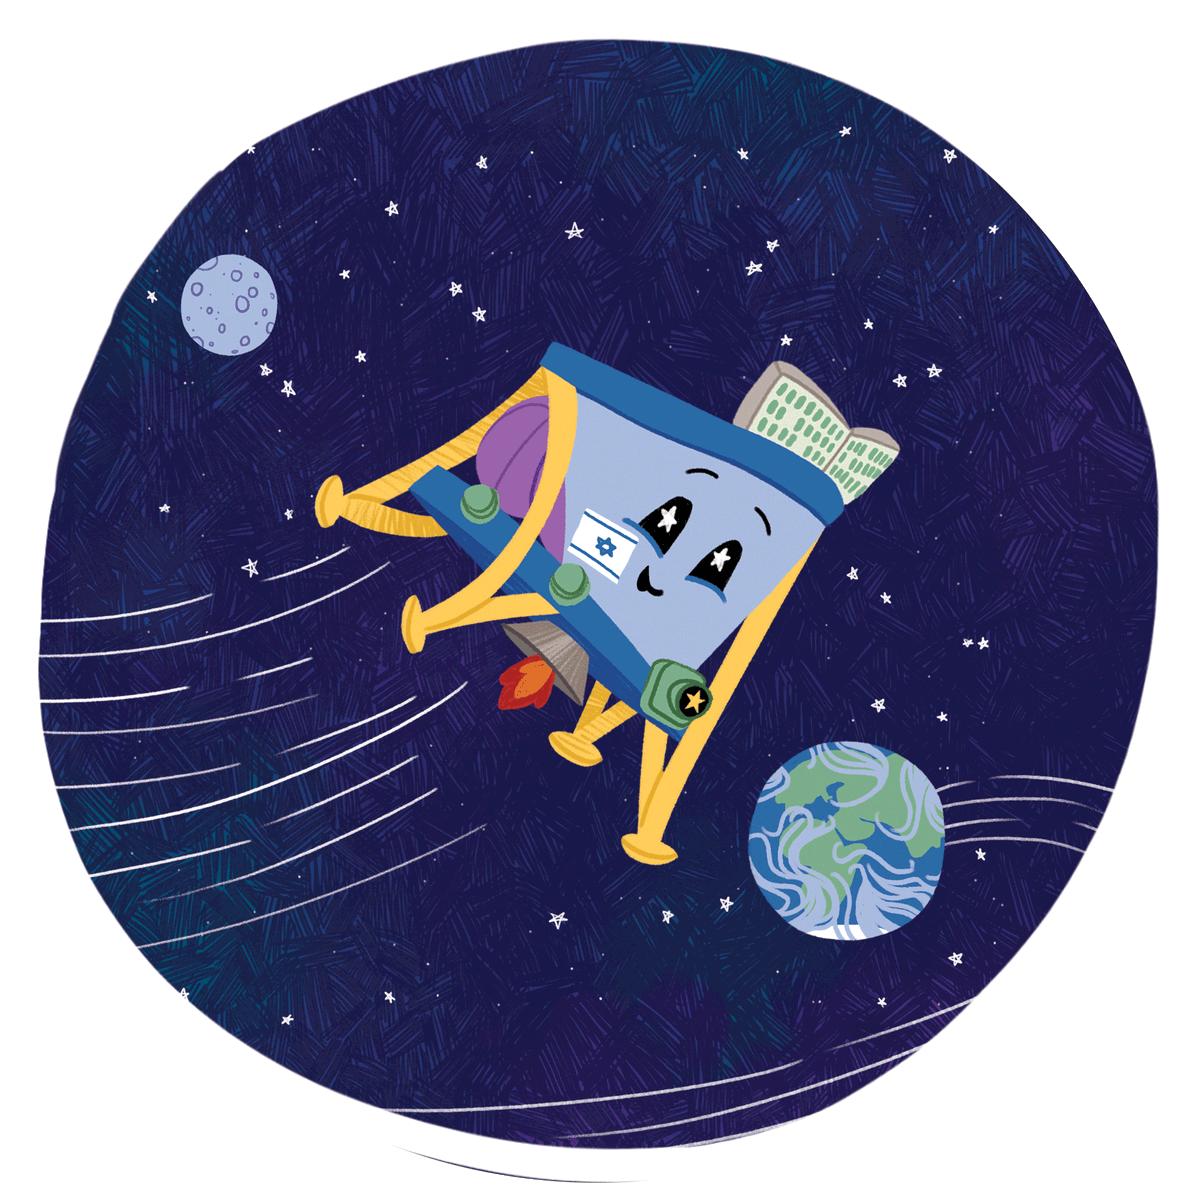 Лунная миссия «Берешит» — четвертый маневр завершен успешно, идет подготовка к выходу на Лунную орбиту - 1